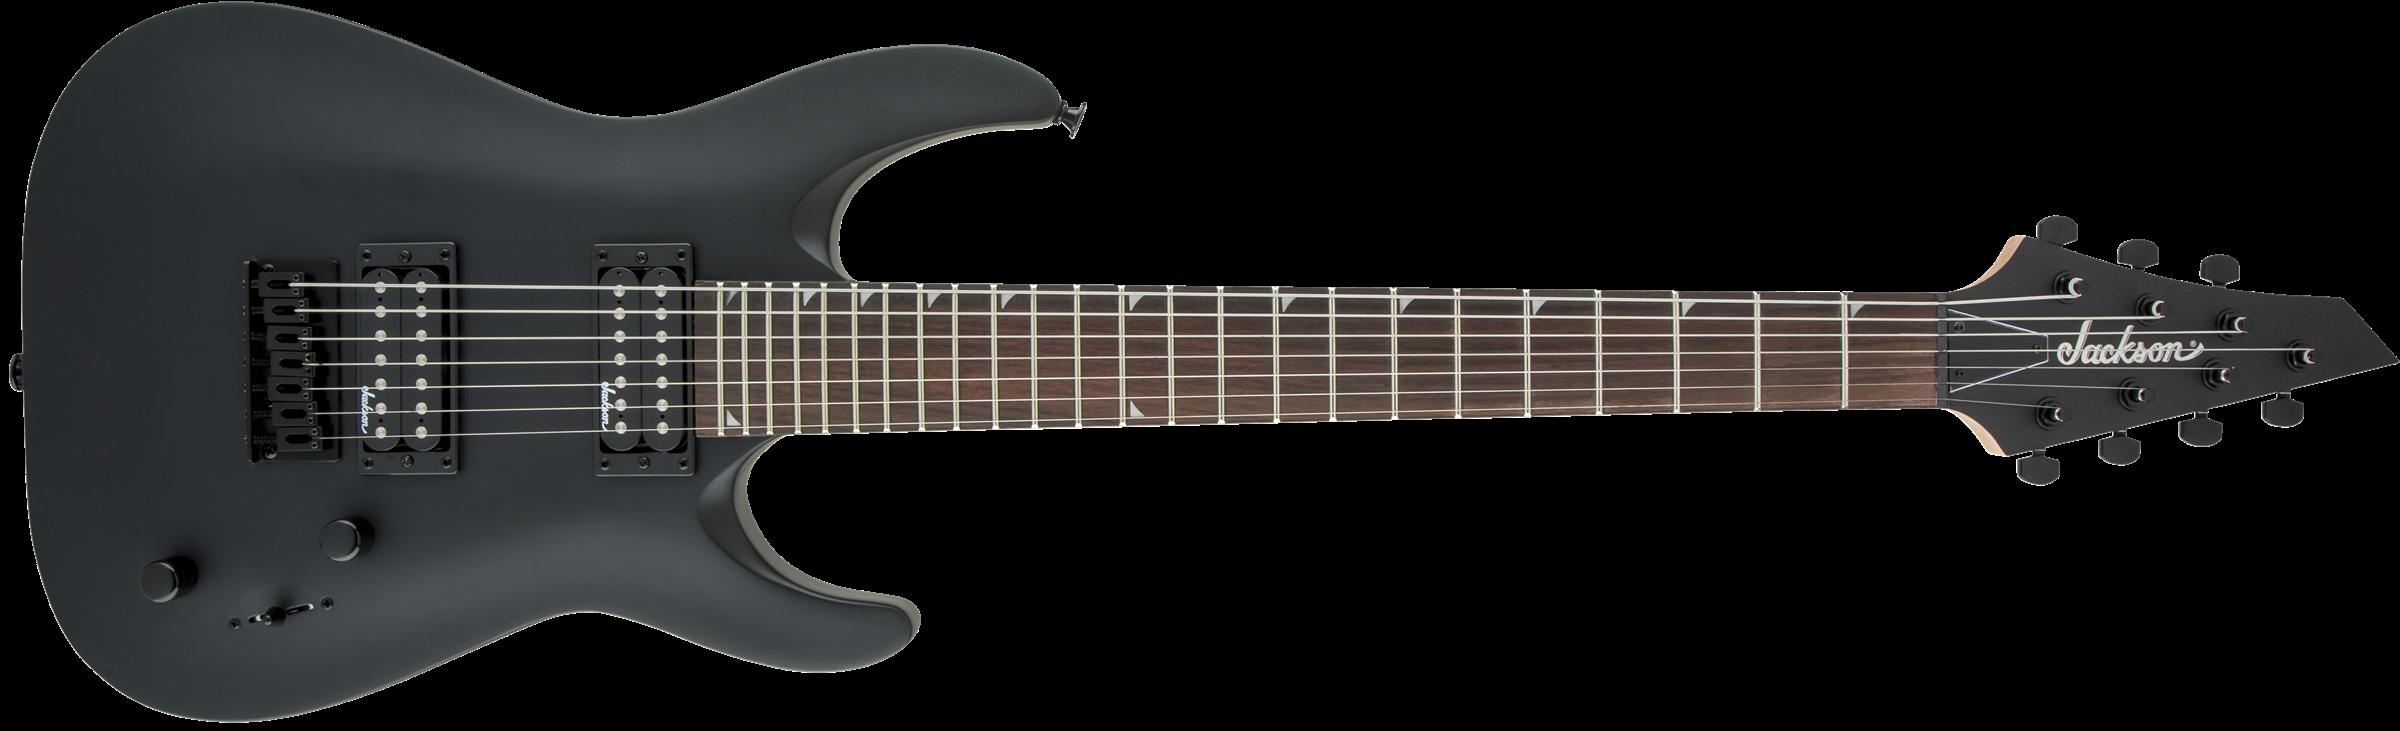 js series dinky™ js22 7 js jackson® guitars js series dinky™ js22 7